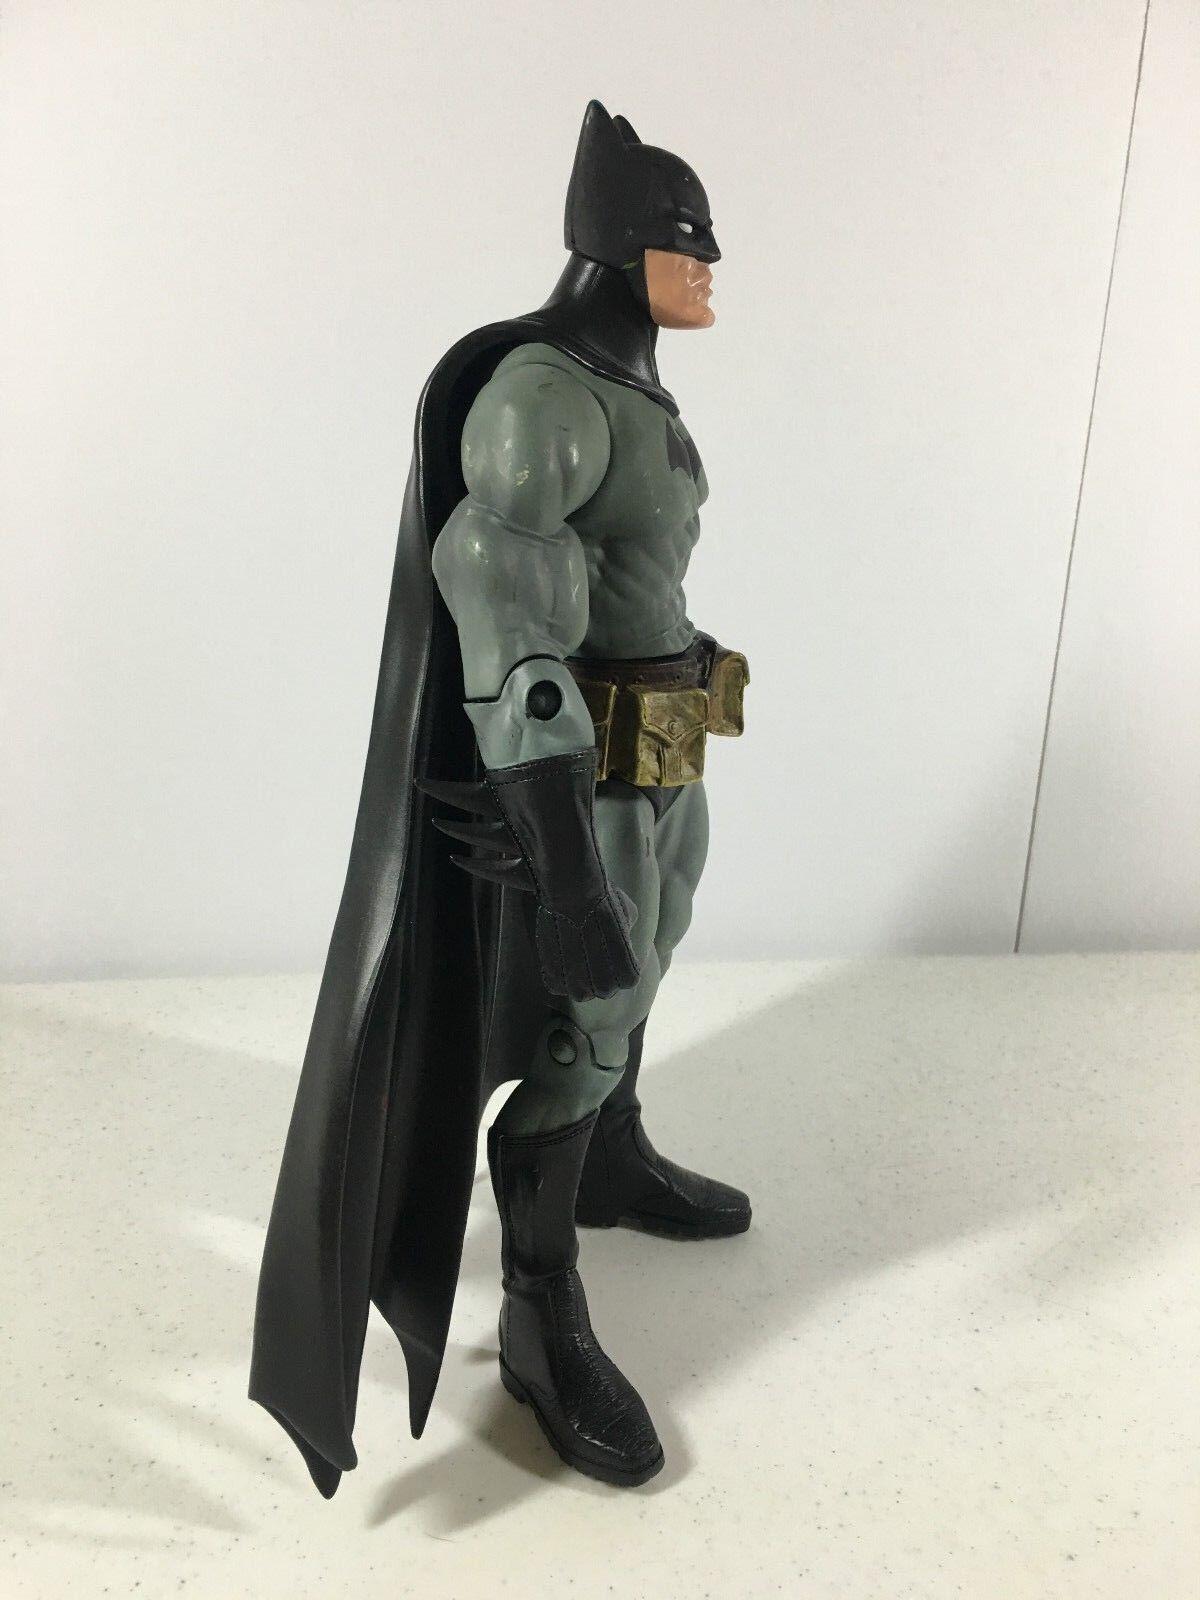 Batman Select Sculpts DC Super Heroes 13 Inch Inch Inch K6364 a80f50